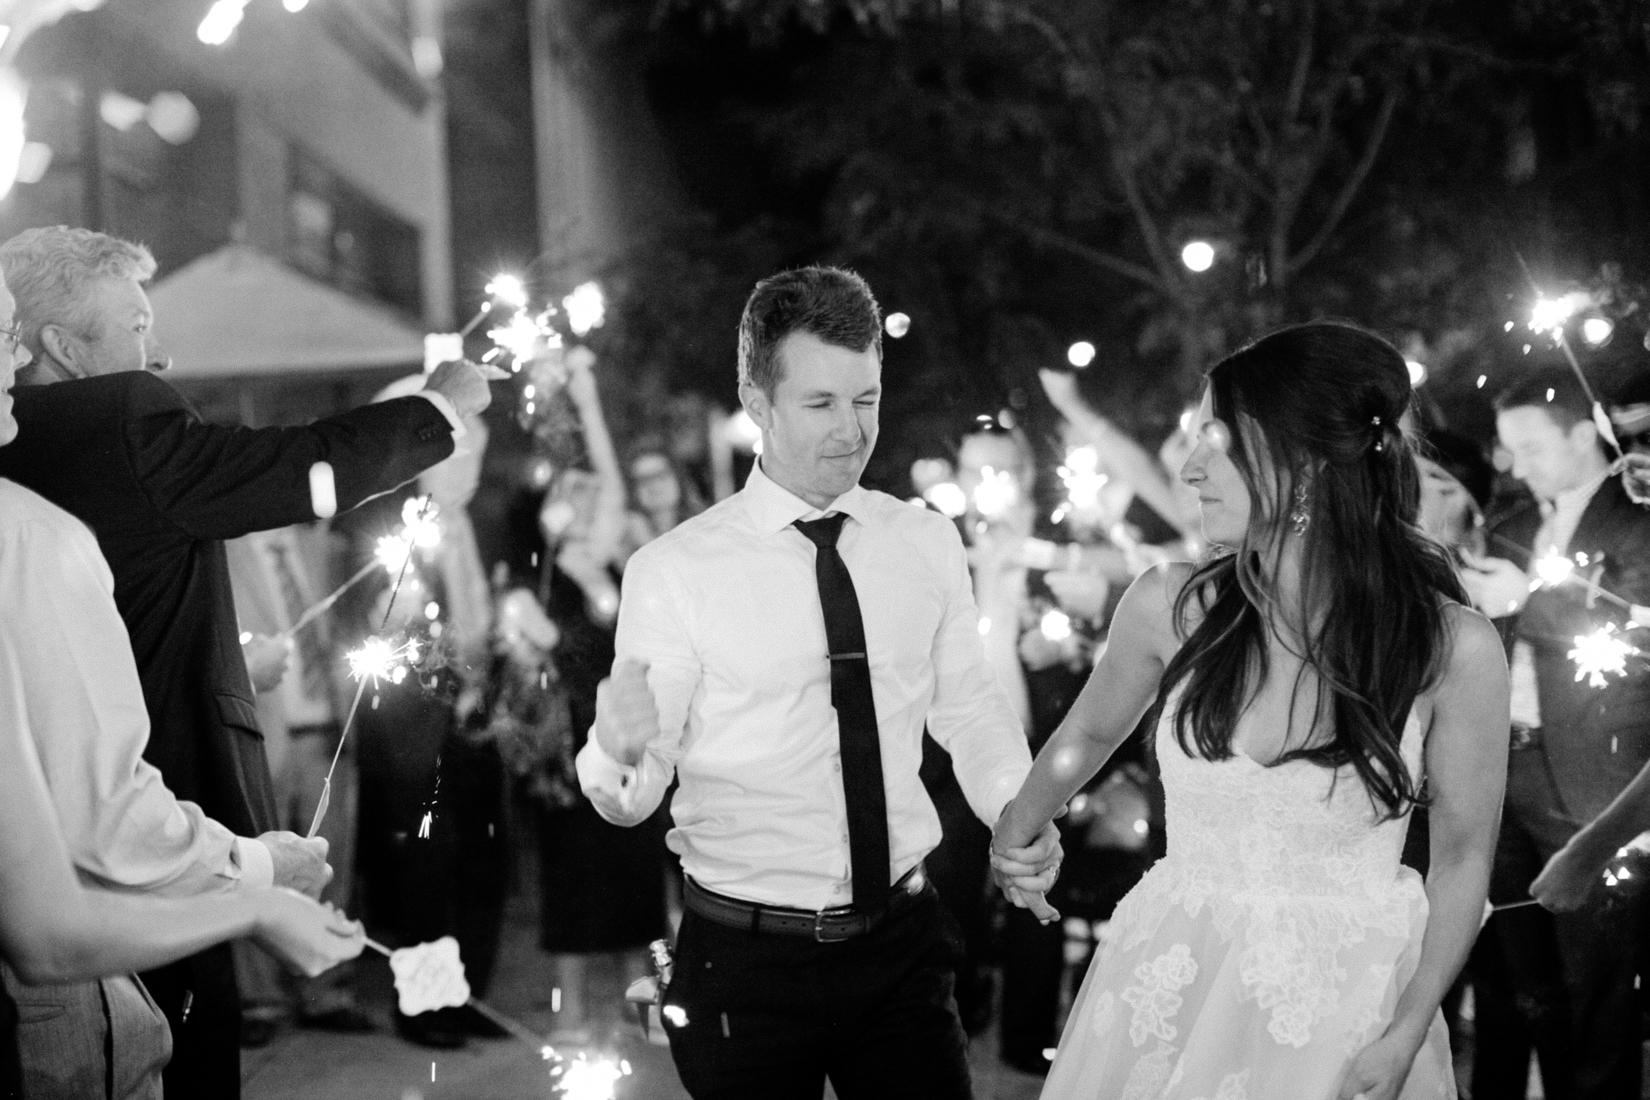 Kristin_Brett_TheKitchen_Denver_Wedding_by_Connie_Whitlock_web_698.jpg